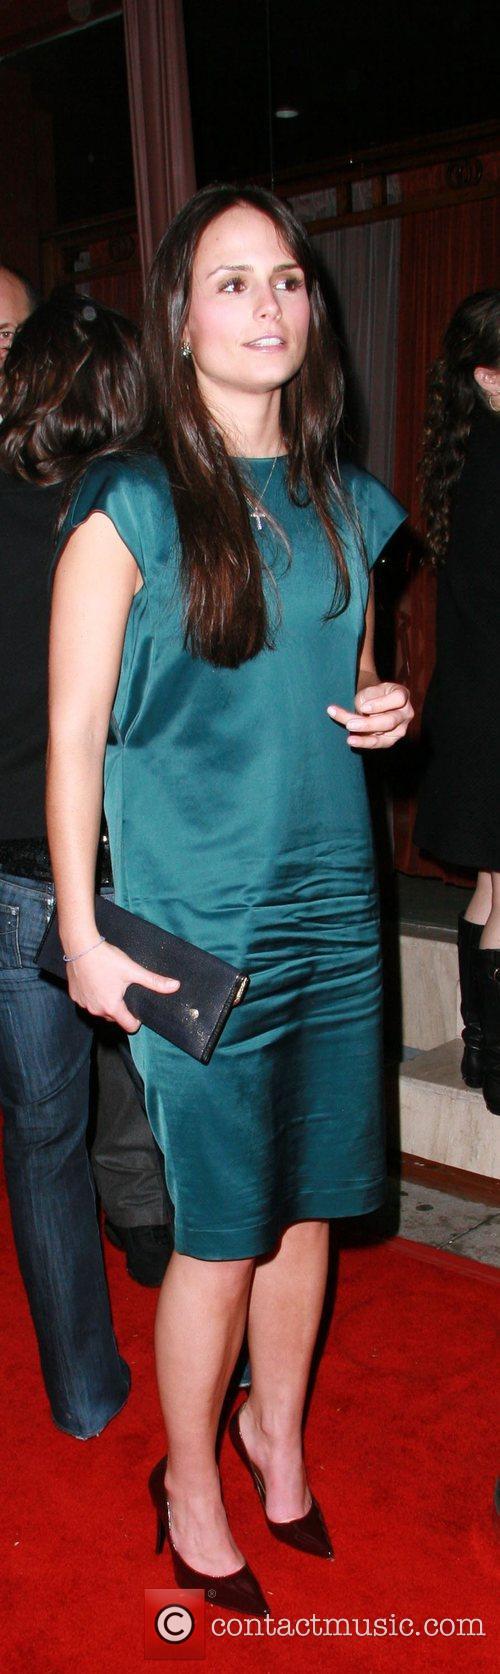 Jordana Brewster at Crustacean Restaurant in Beverly Hills